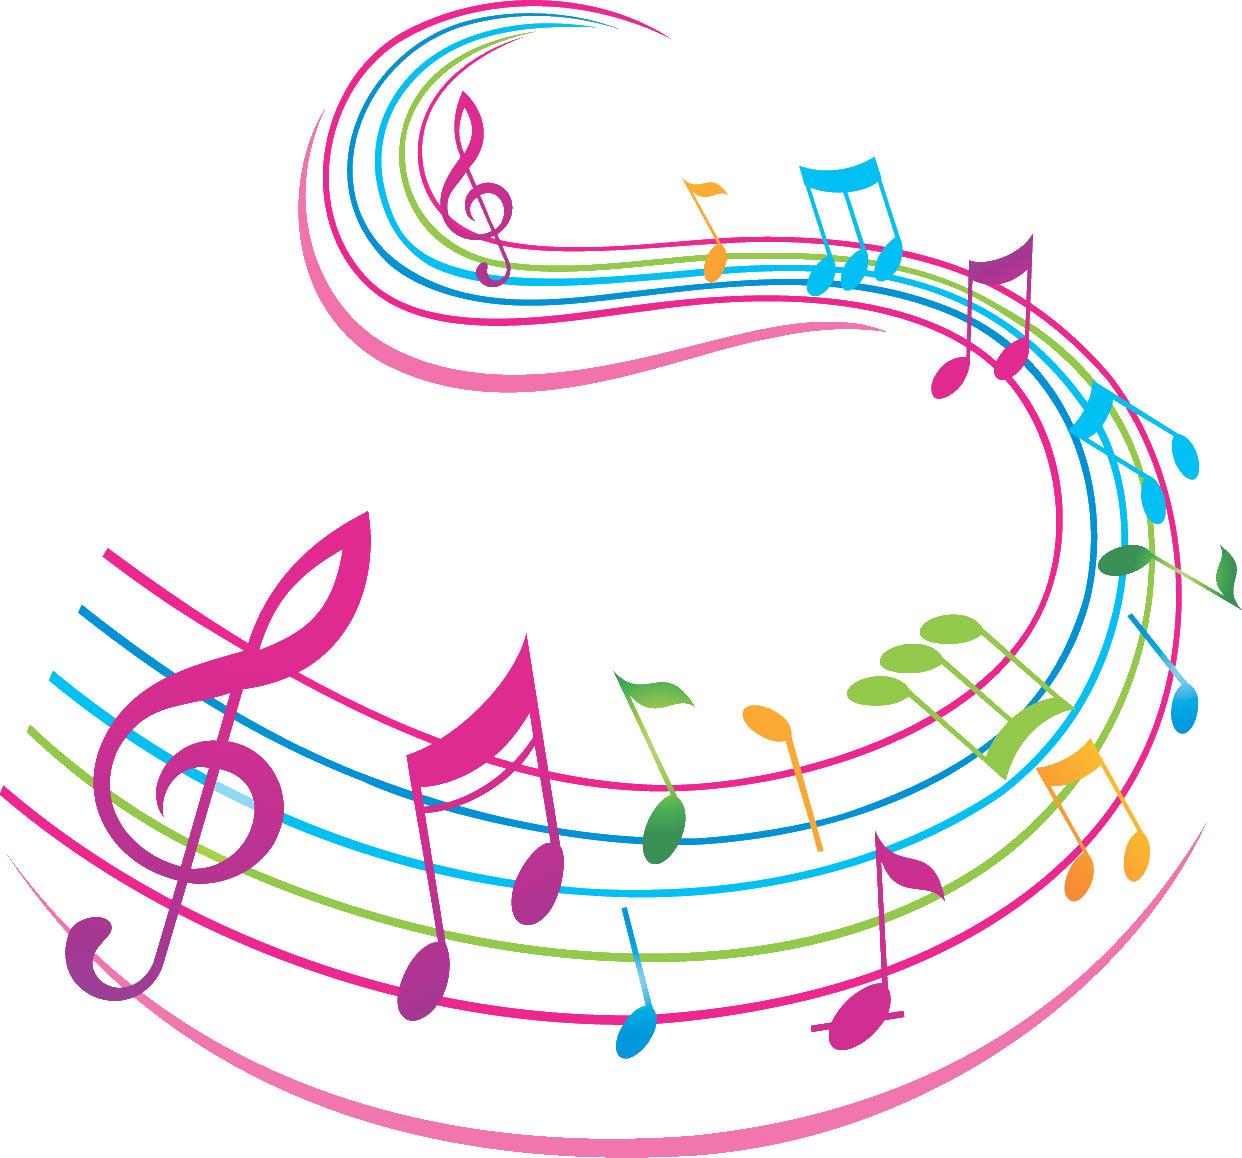 音符イラスト流れる楽譜 カラフル 無料のフリー素材